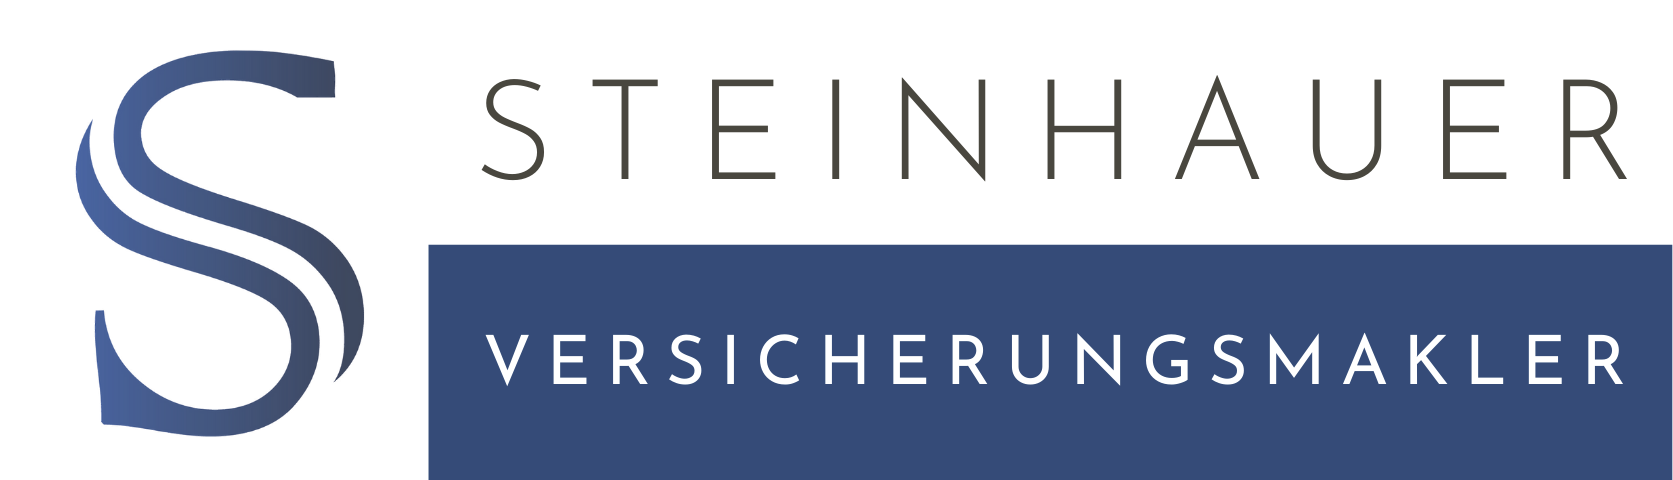 Steinhauer GmbH | Versicherungsmakler